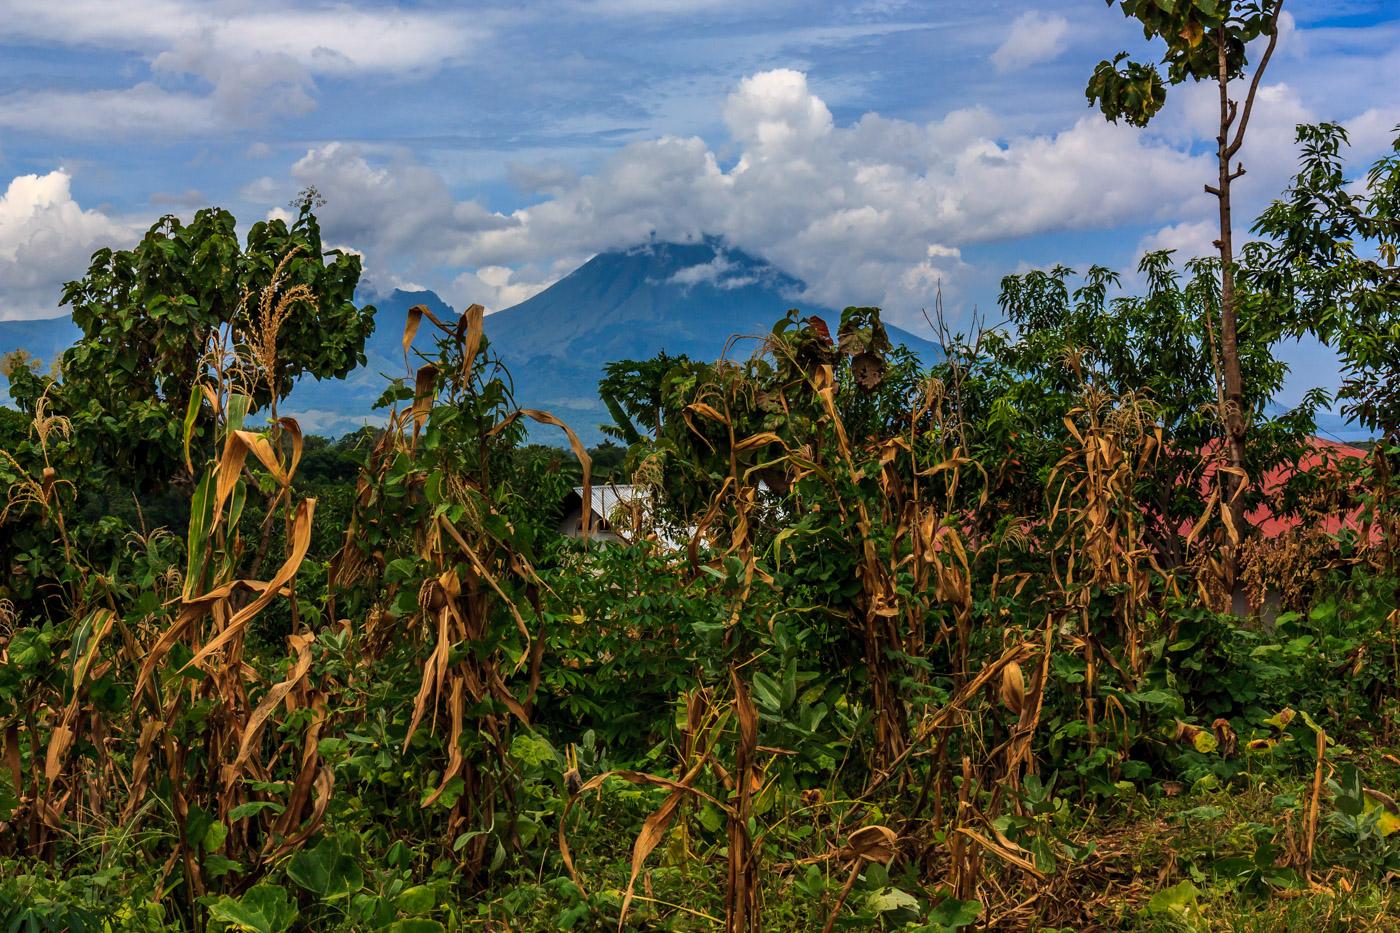 Volcano through the corn.